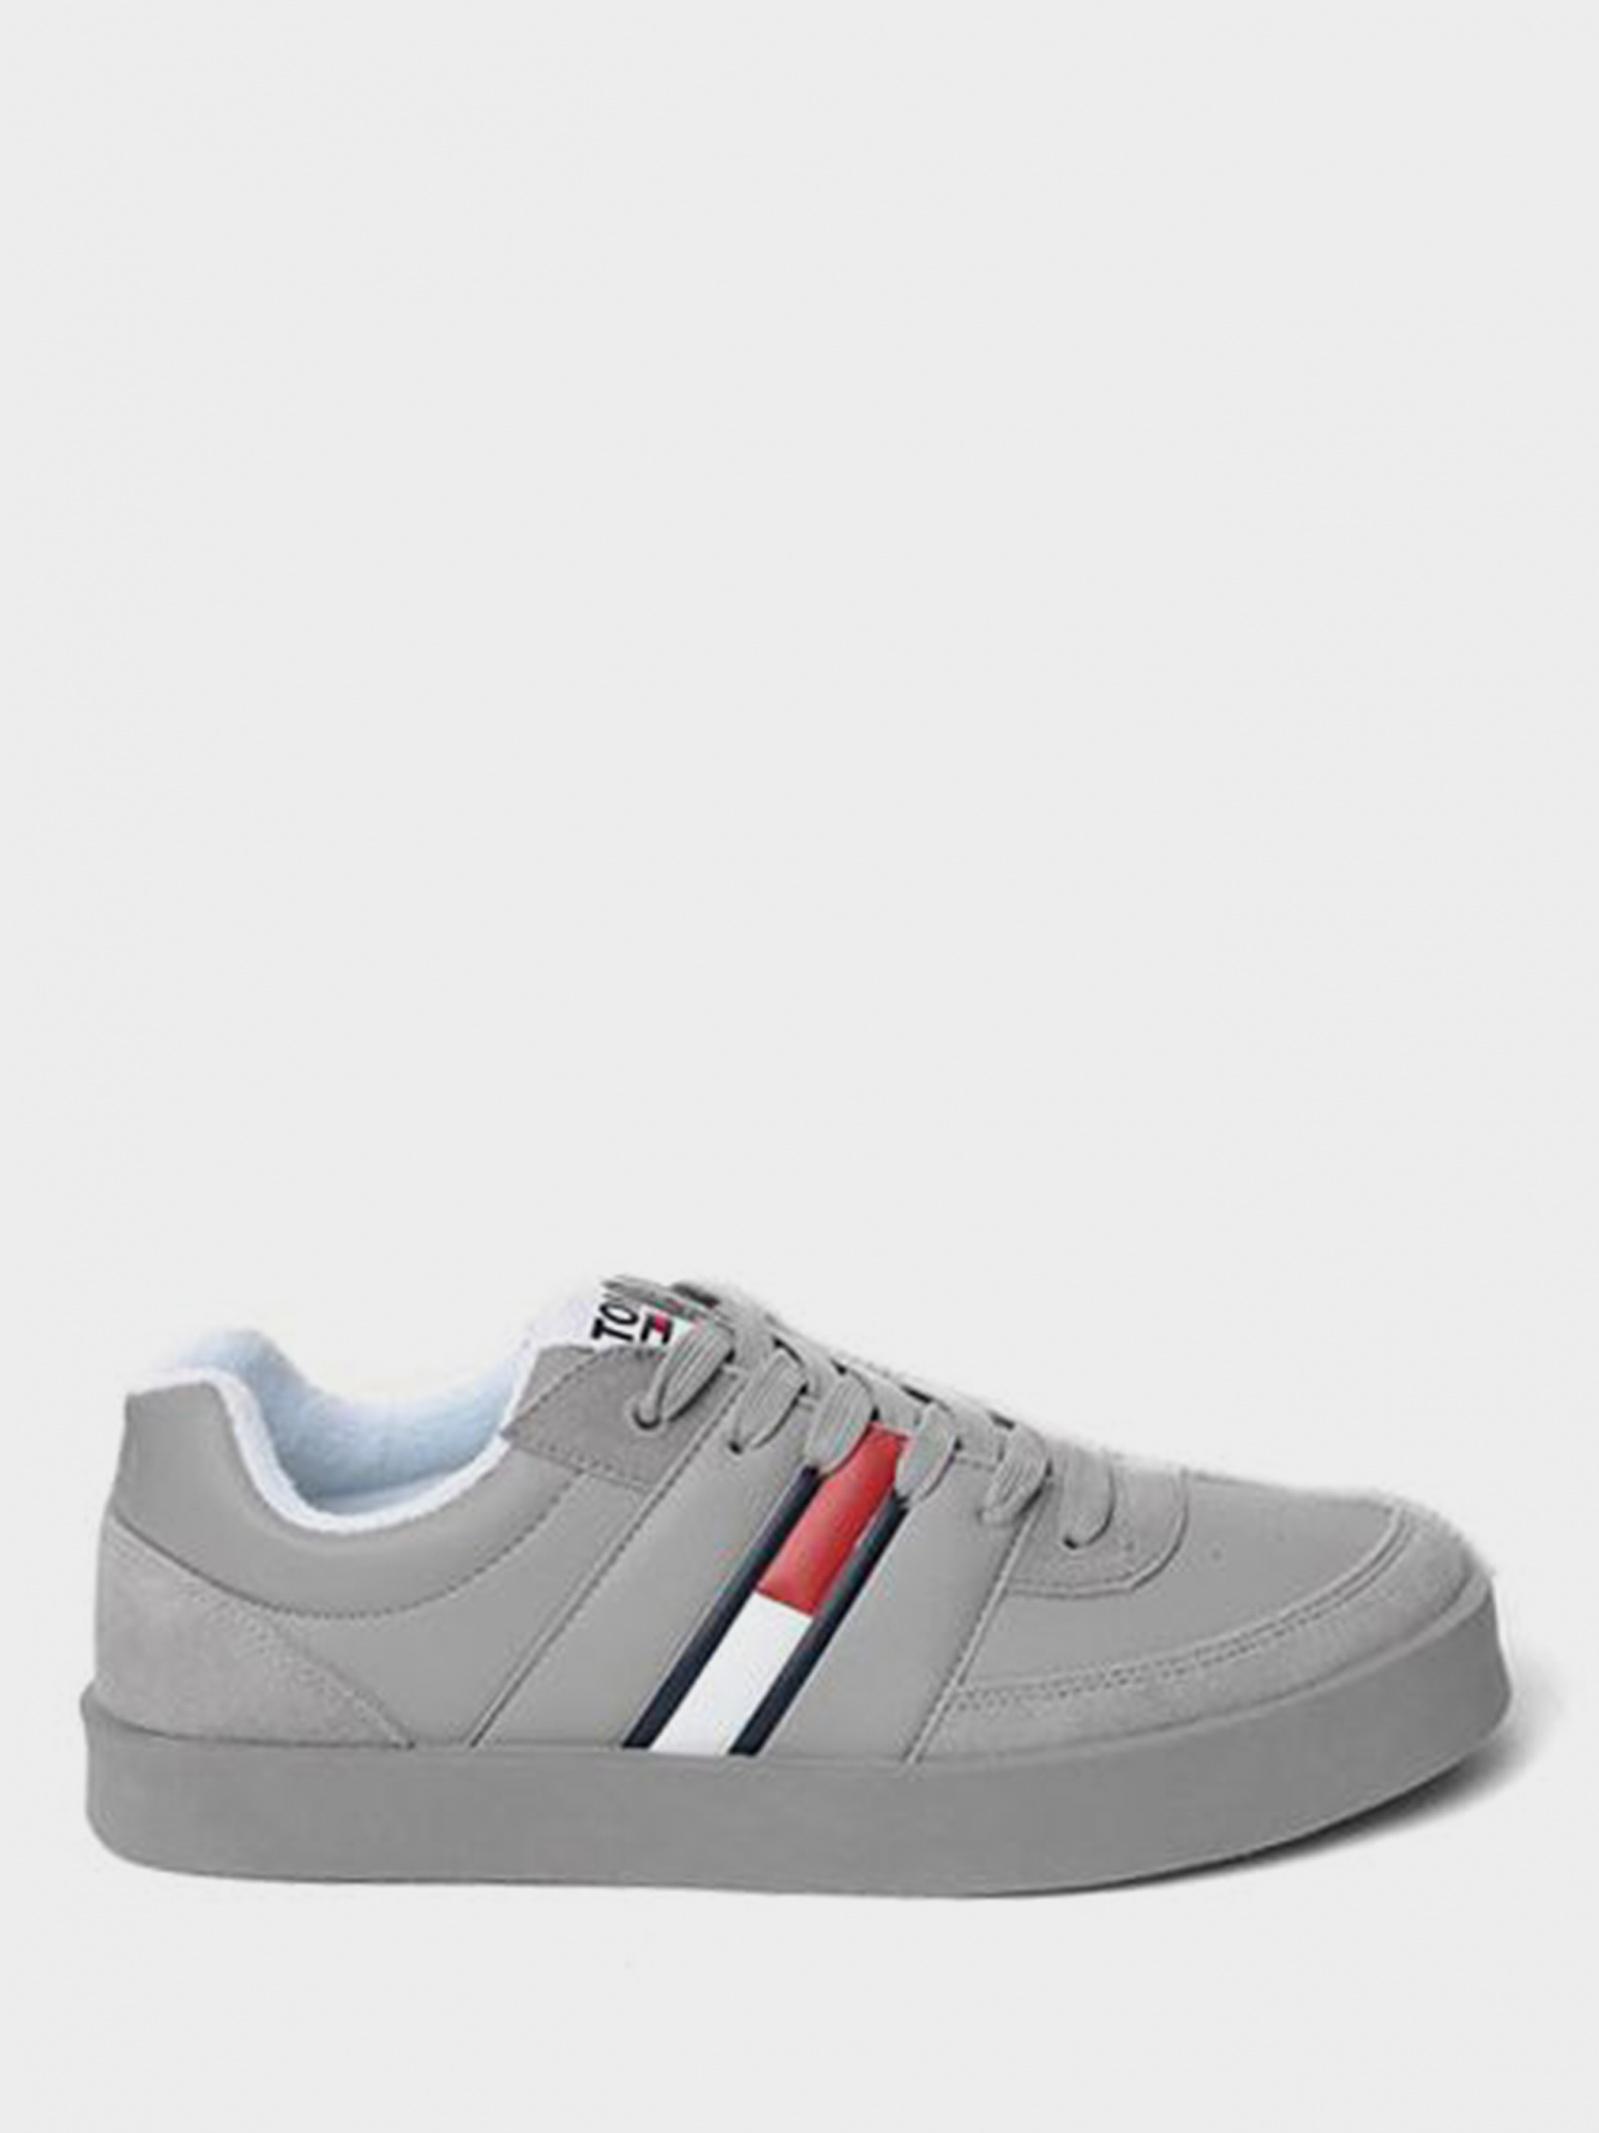 Полуботинки мужские Tommy Hilfiger TE813 купить обувь, 2017